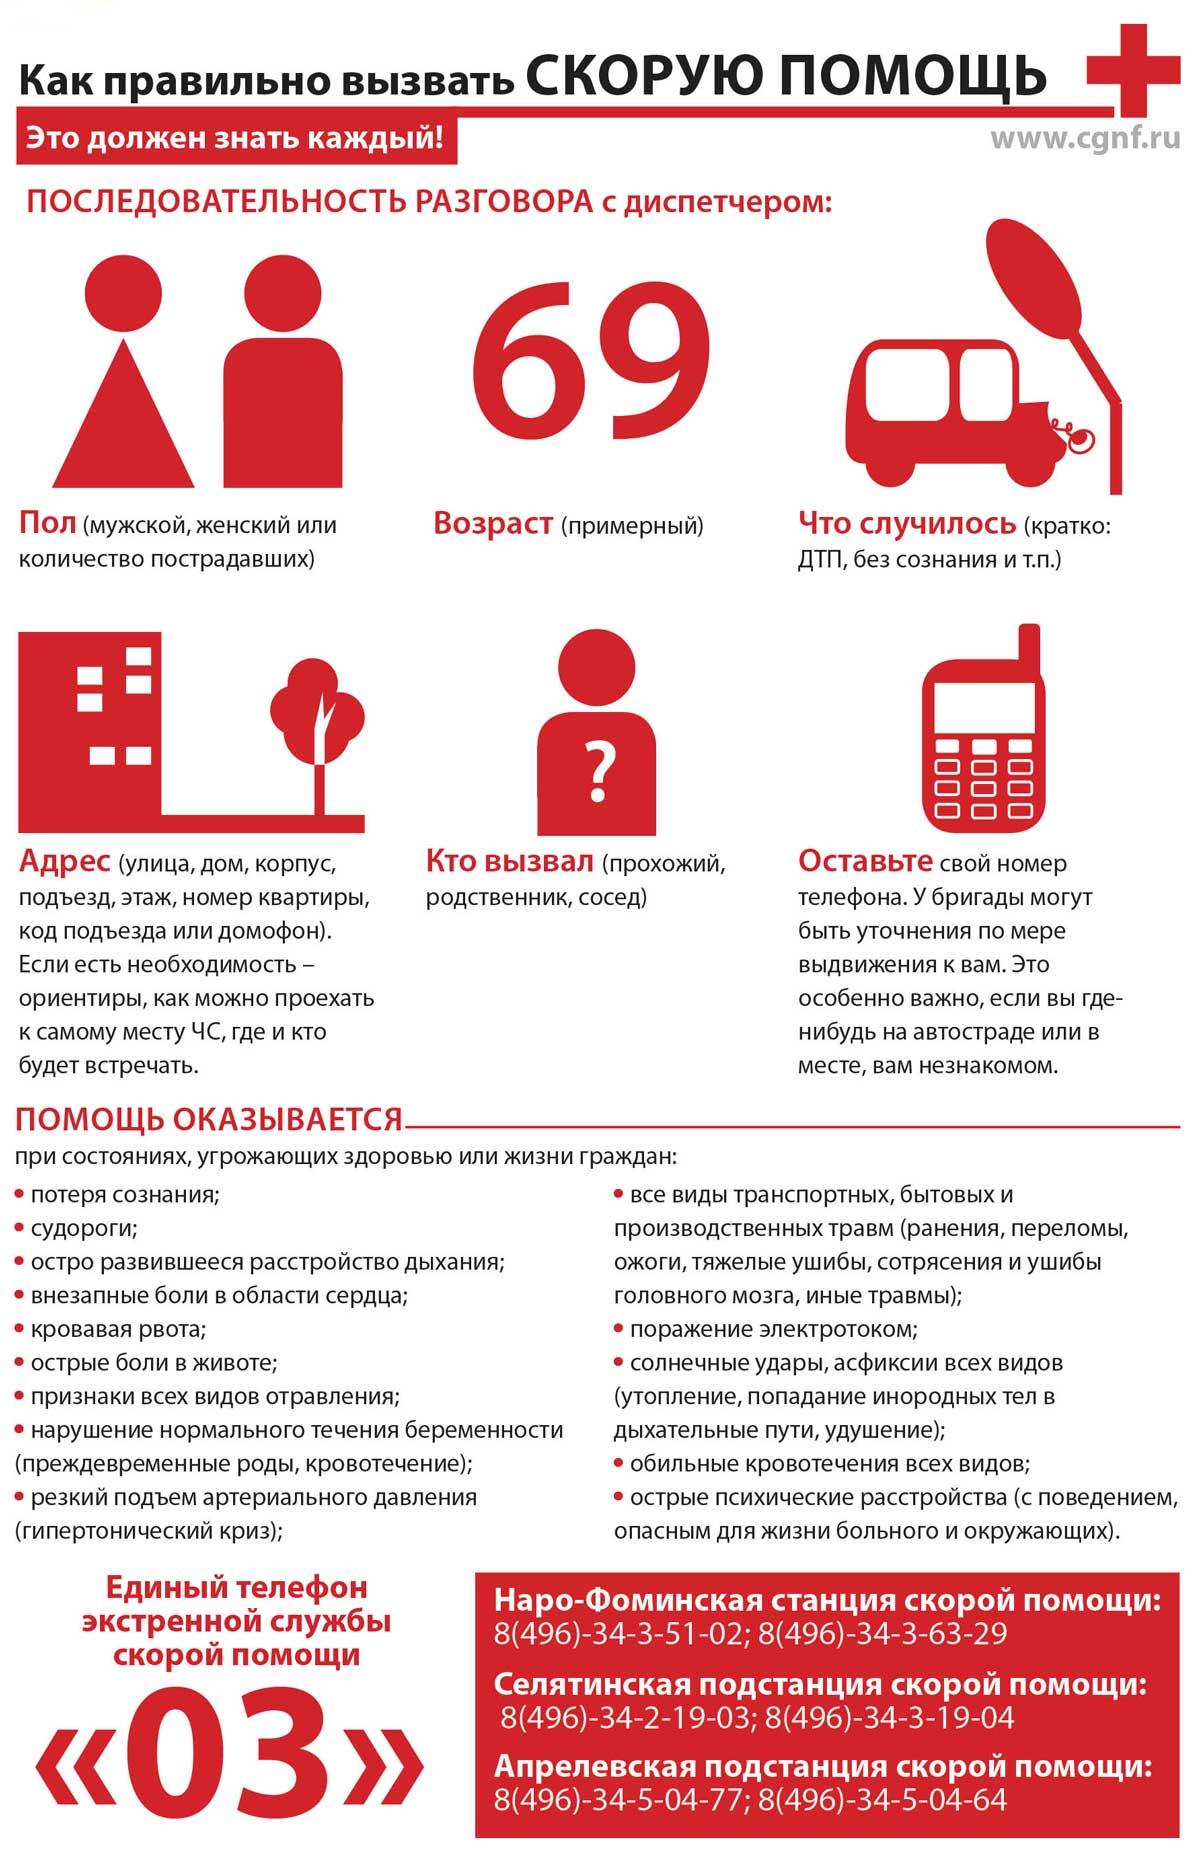 Документ оформления спецодежды на скорой помощи